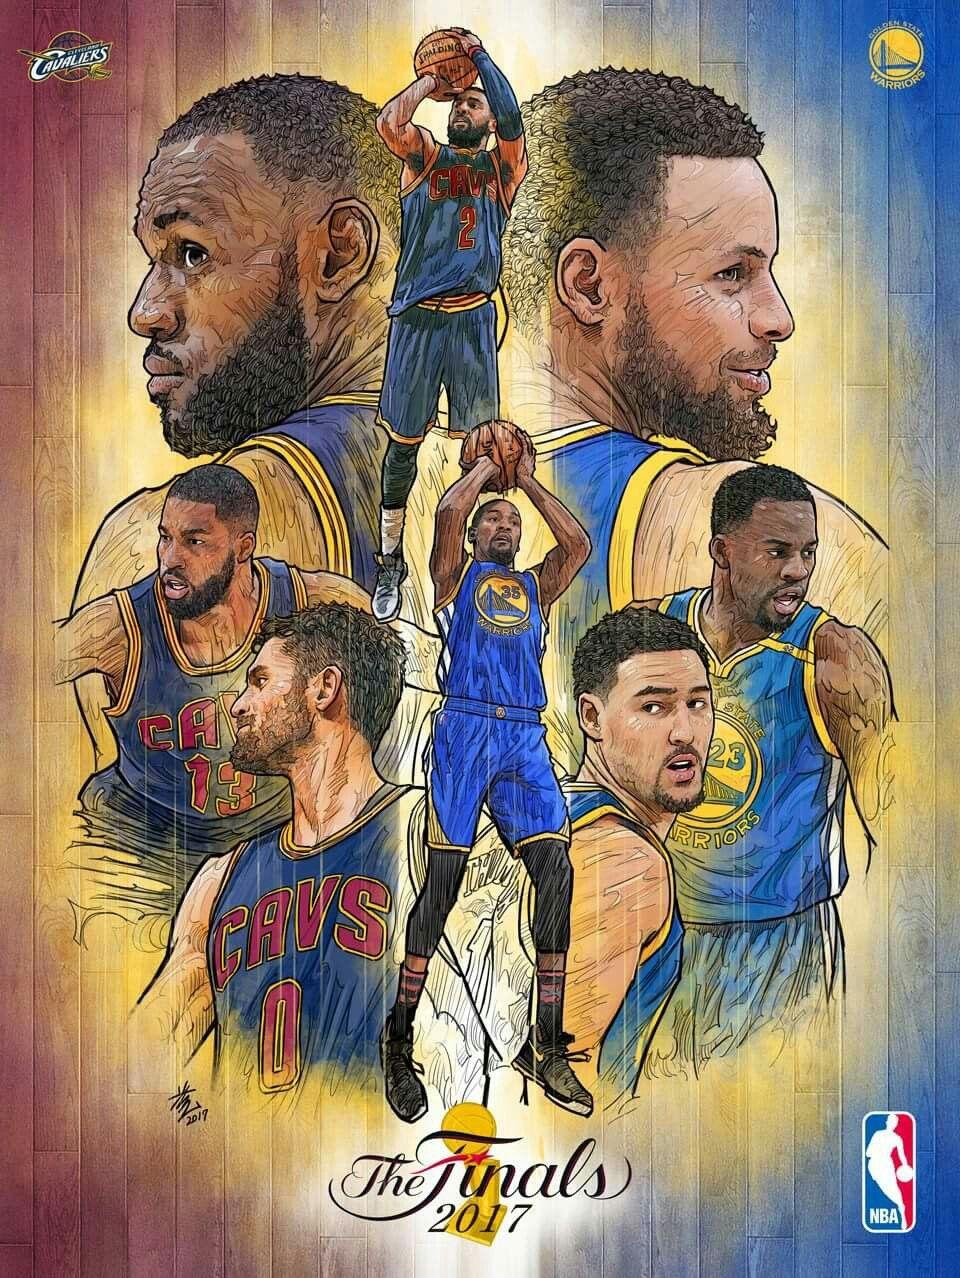 2017 Nba Finals Nba Basketball Art Best Nba Players Nba Art